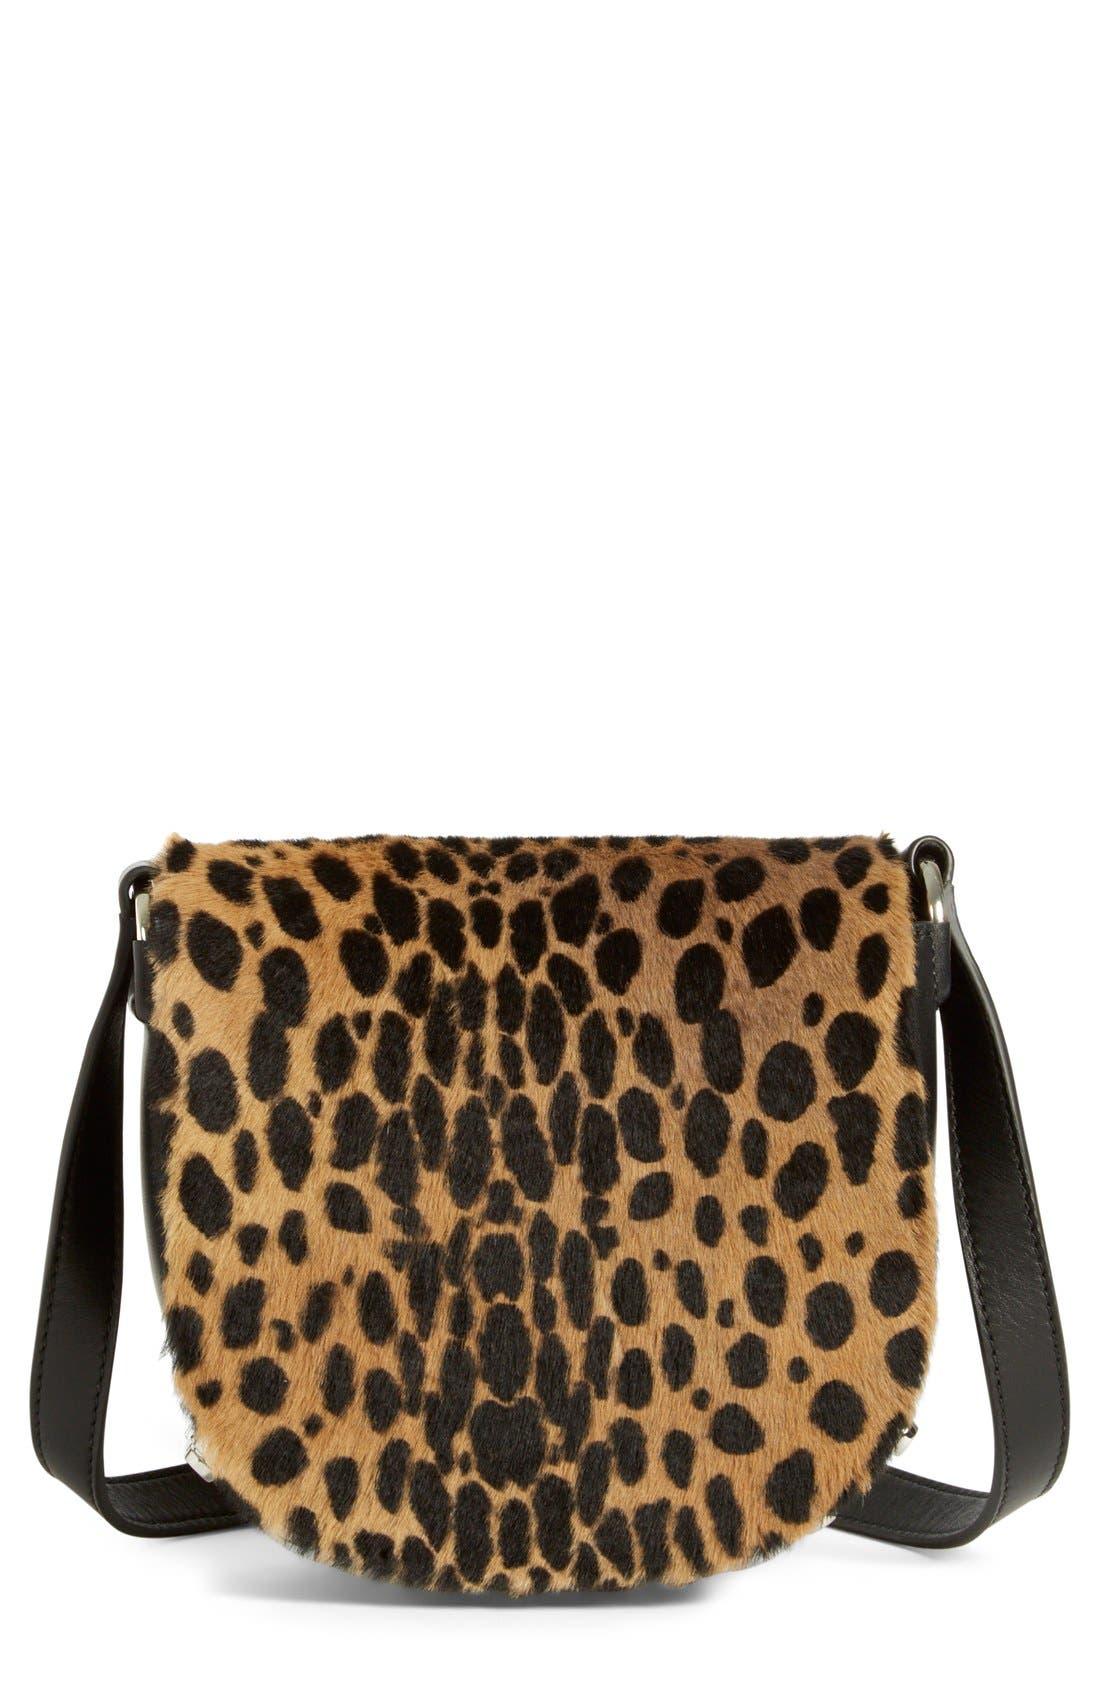 Alternate Image 1 Selected - Alexander Wang 'Mini Lia' Cheetah Print Genuine Kangaroo Fur Crossbody Bag